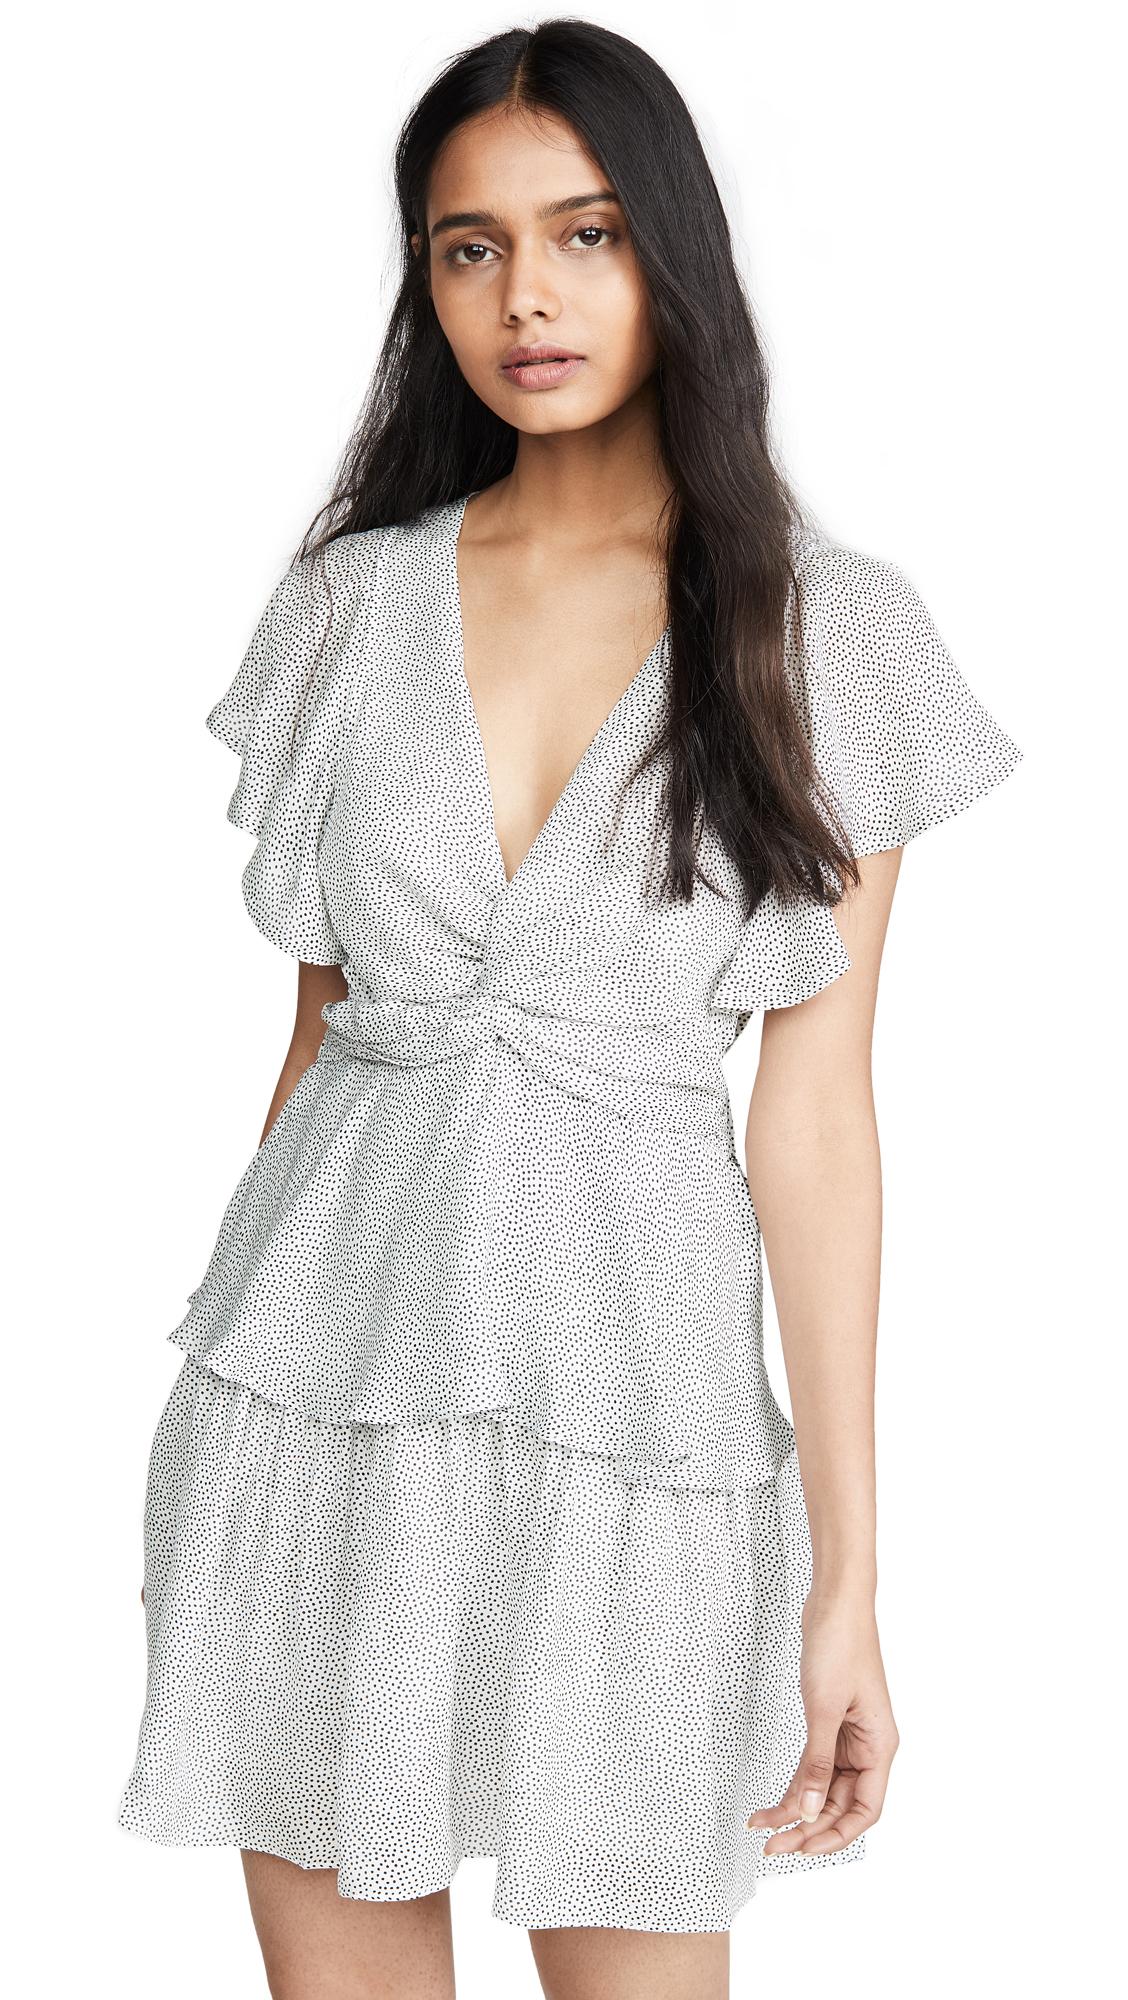 A.L.C. Viera Dress - White/Black